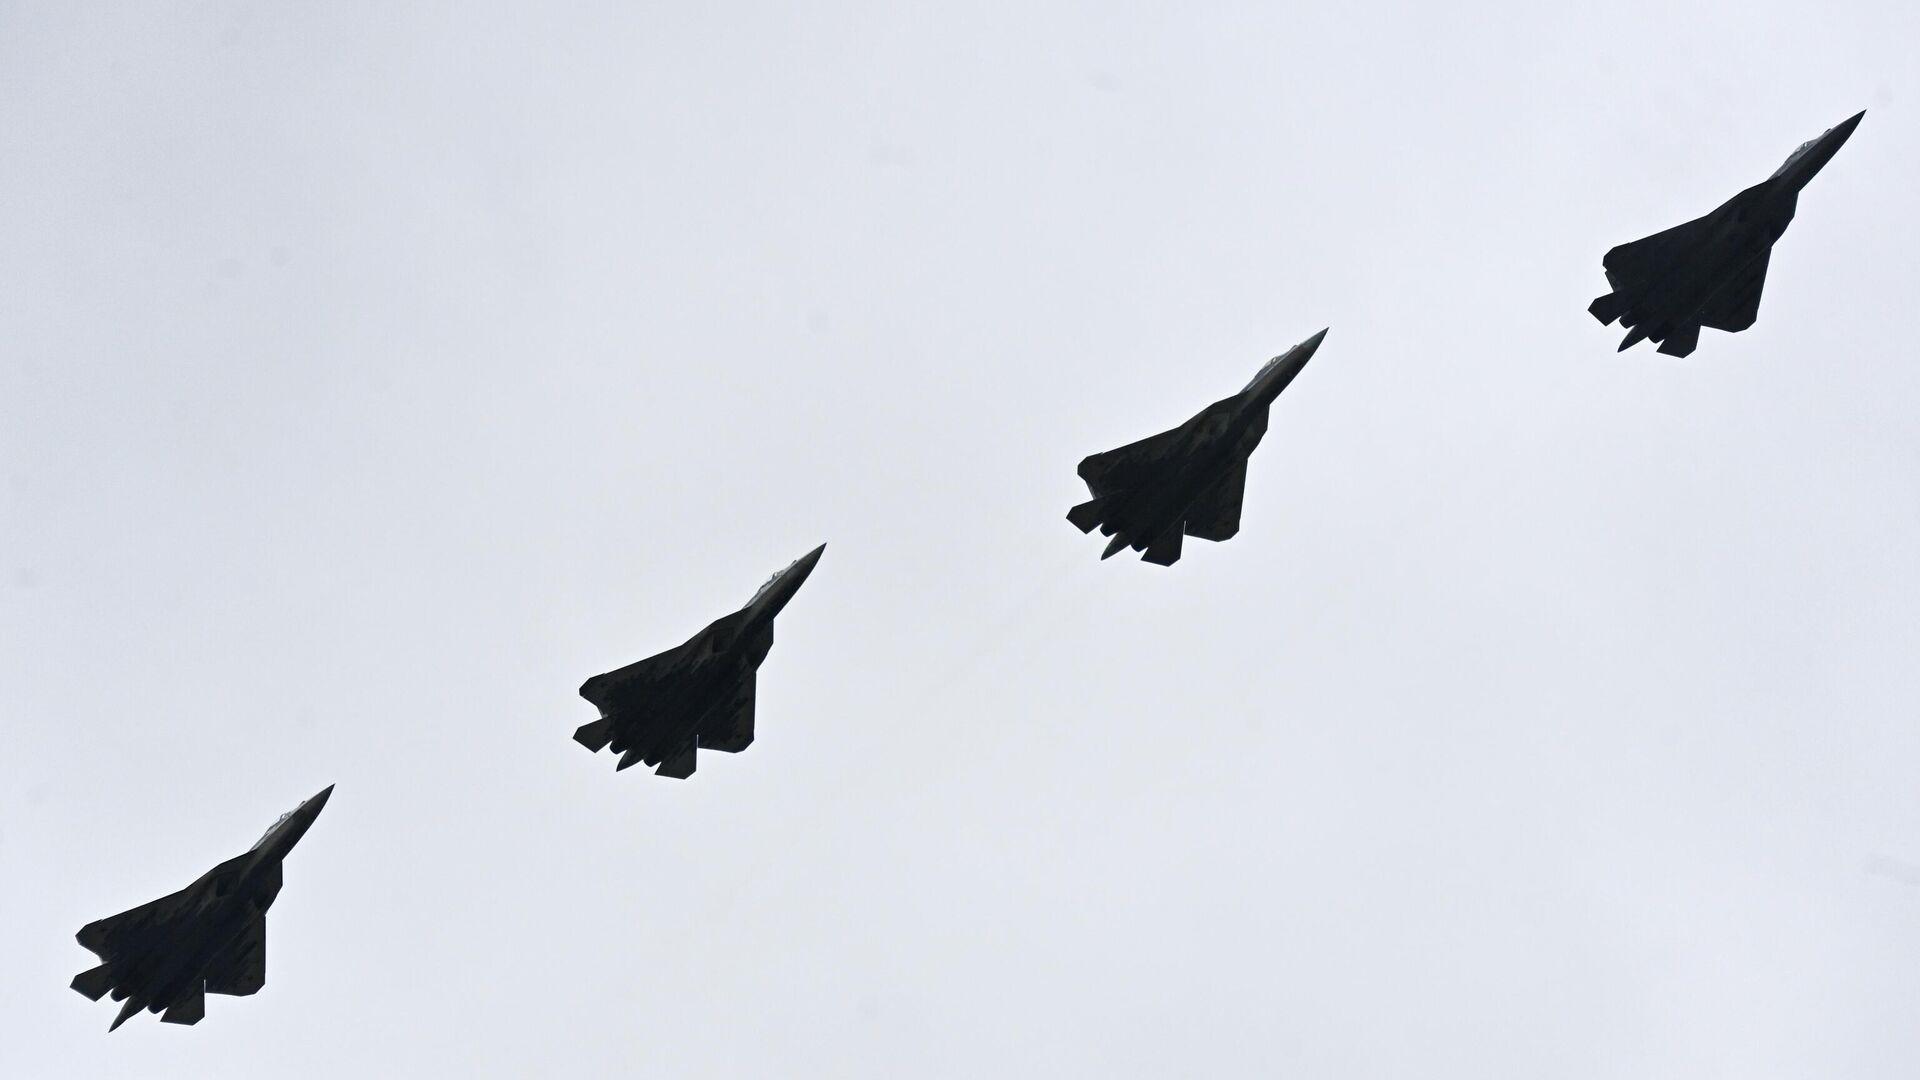 Многофункциональные истребители пятого поколения Су-57 во время воздушной части парада в честь 76-й годовщины Победы в Великой Отечественной войне в Москве - РИА Новости, 1920, 09.05.2021